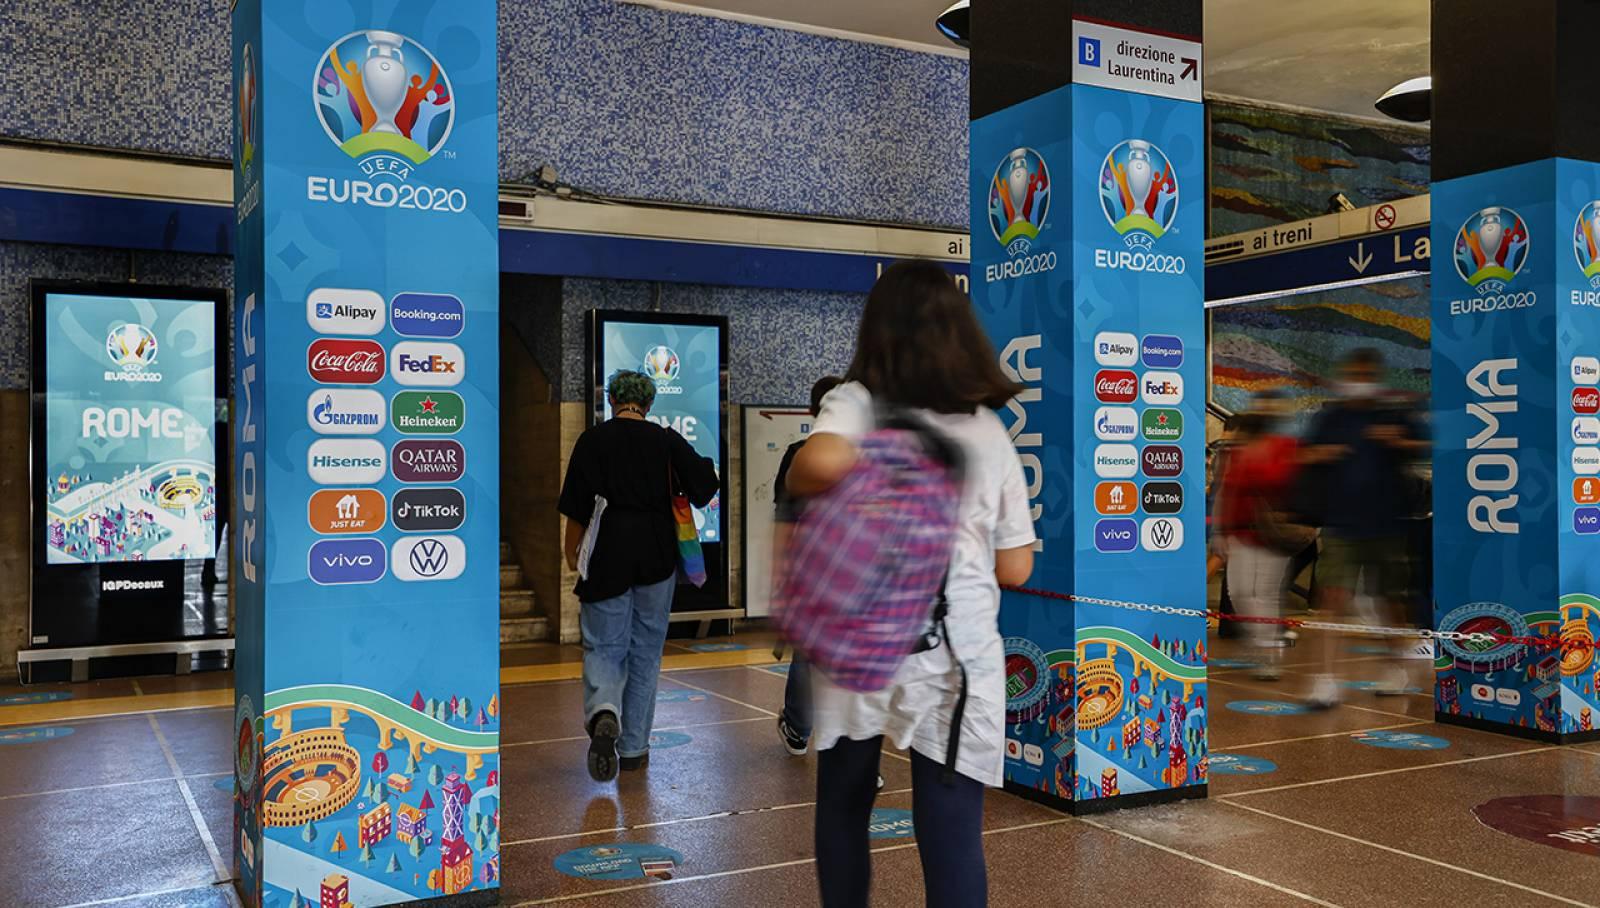 Pubblicità in metropolitana a Roma Colosseo IGPDecaux Station Domination per UEFA 2020